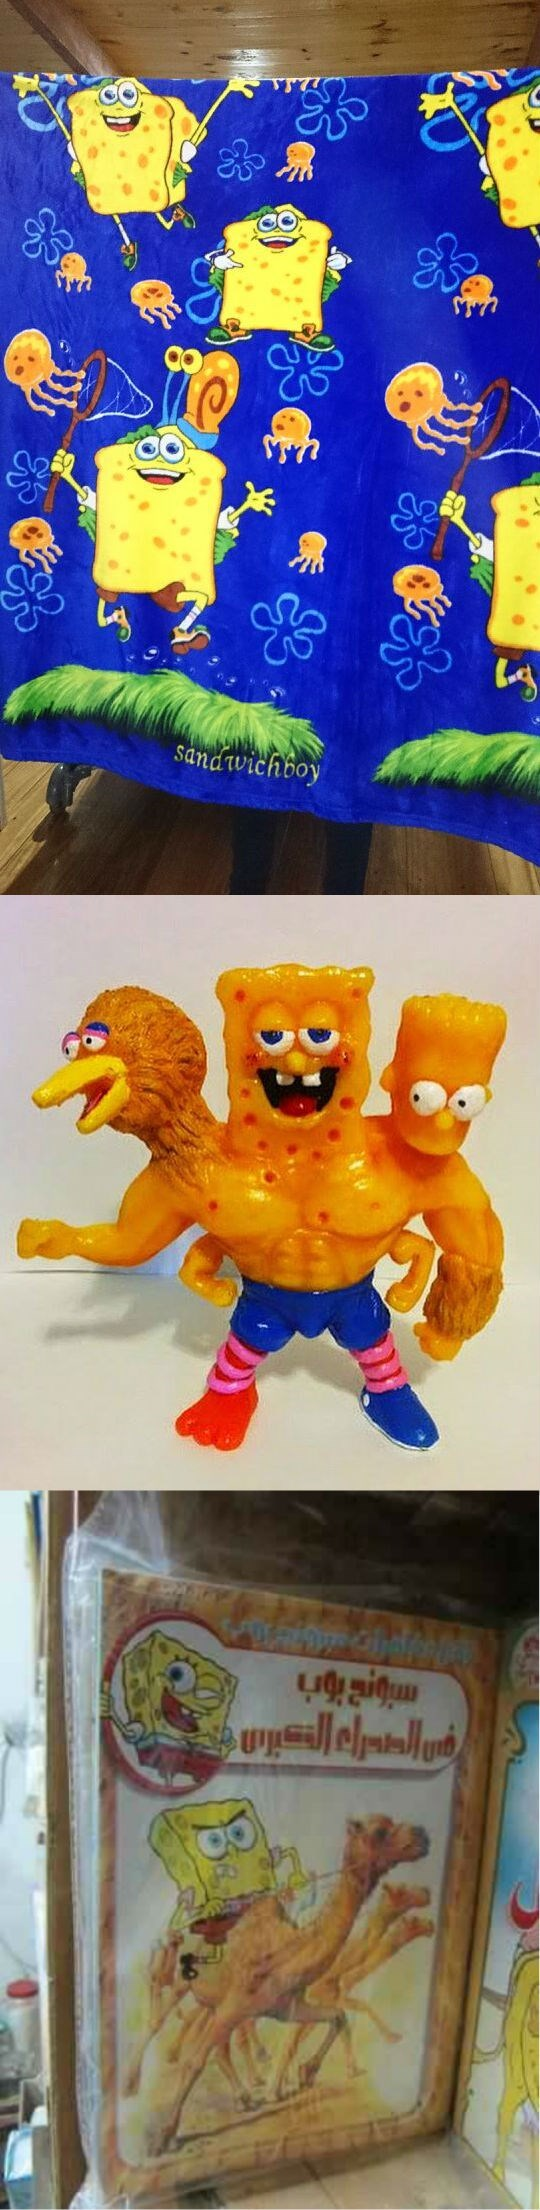 Toy - sandwichboy